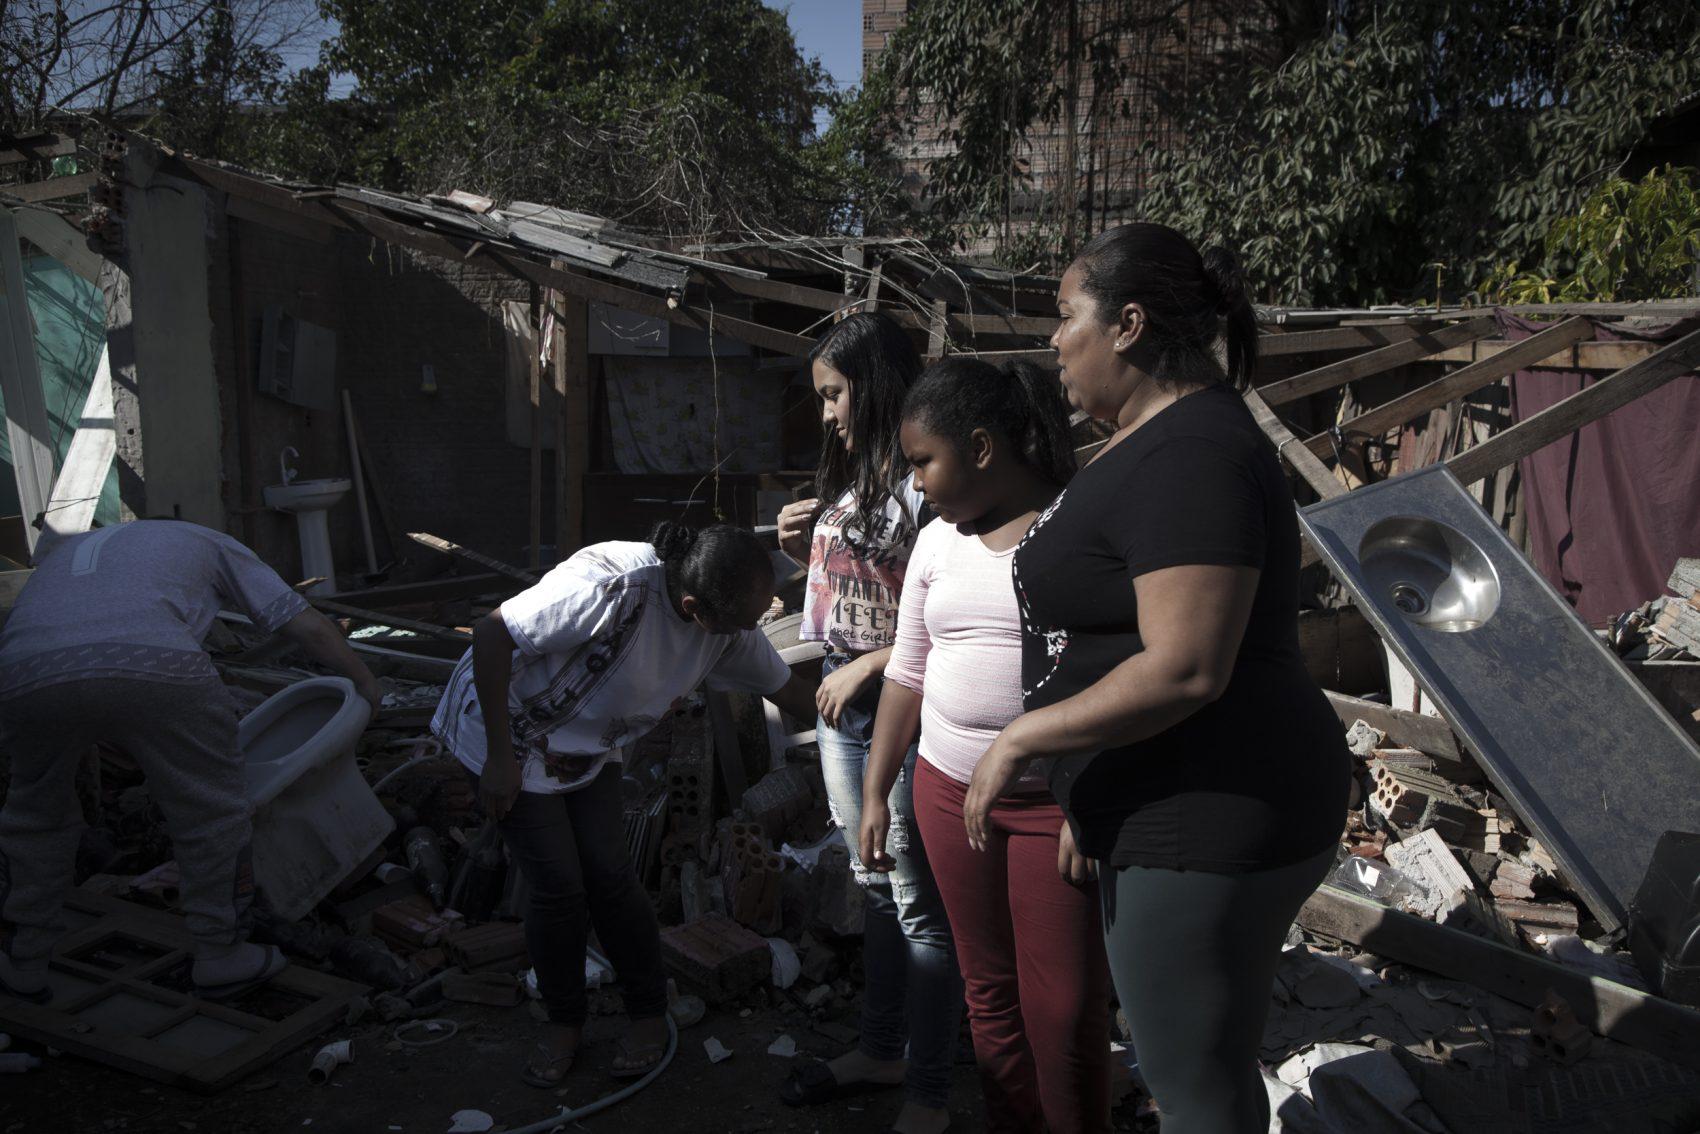 O movimento dos moradores aponta como sugestão a realocação das famílias em uma área próxima